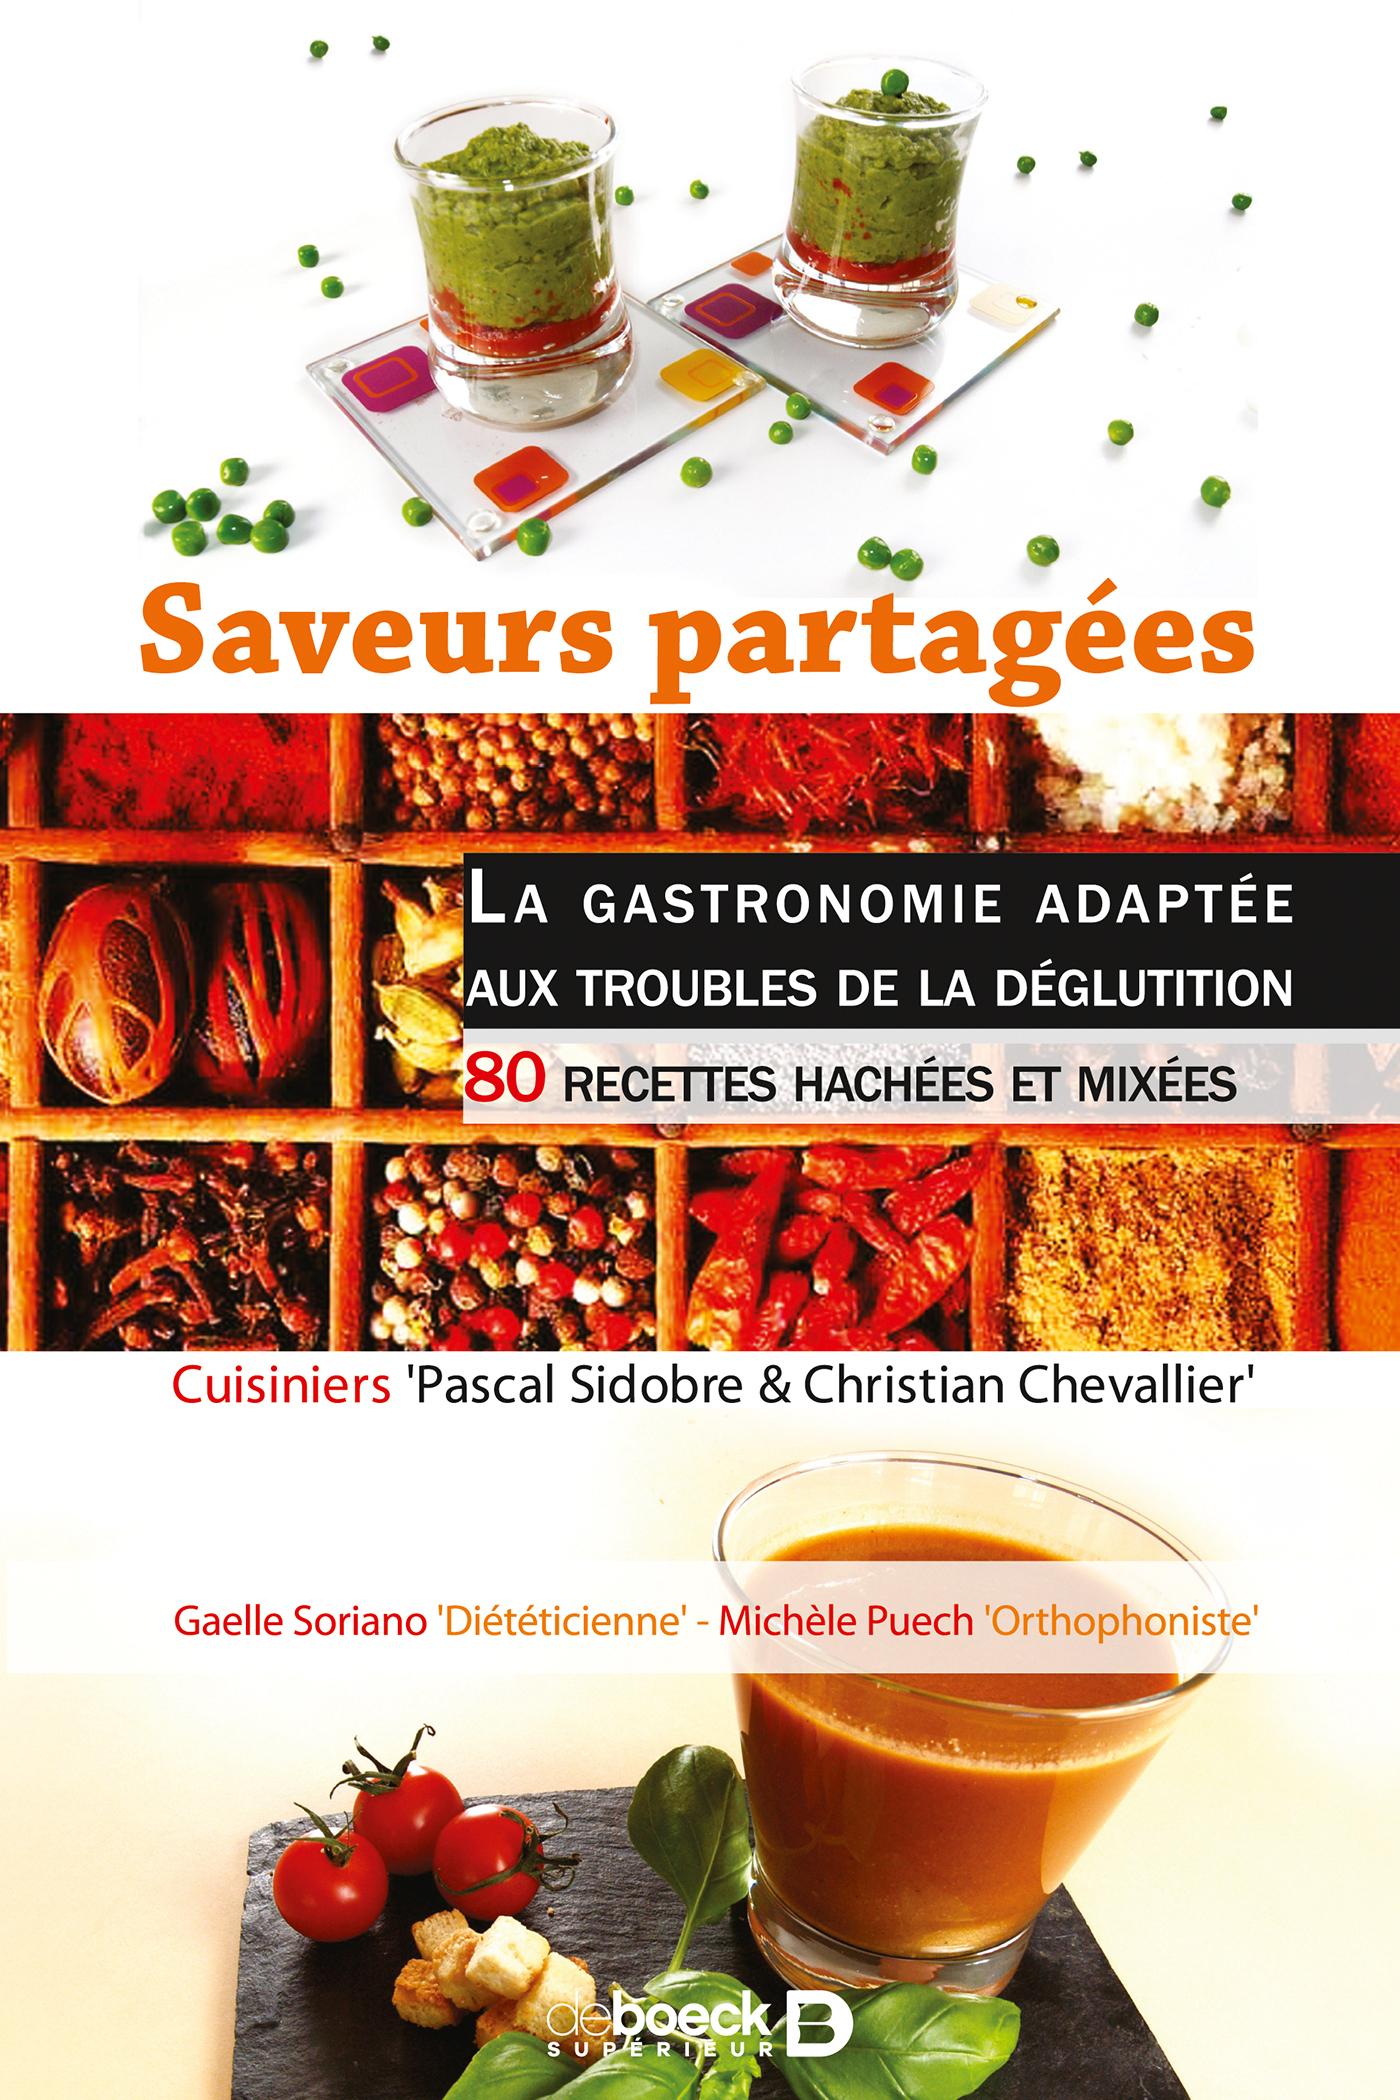 SAVEURS PARTAGEES : LA GASTRONOMIE ADAPTEE AUX TROUBLES DE LA DEGLUTITION